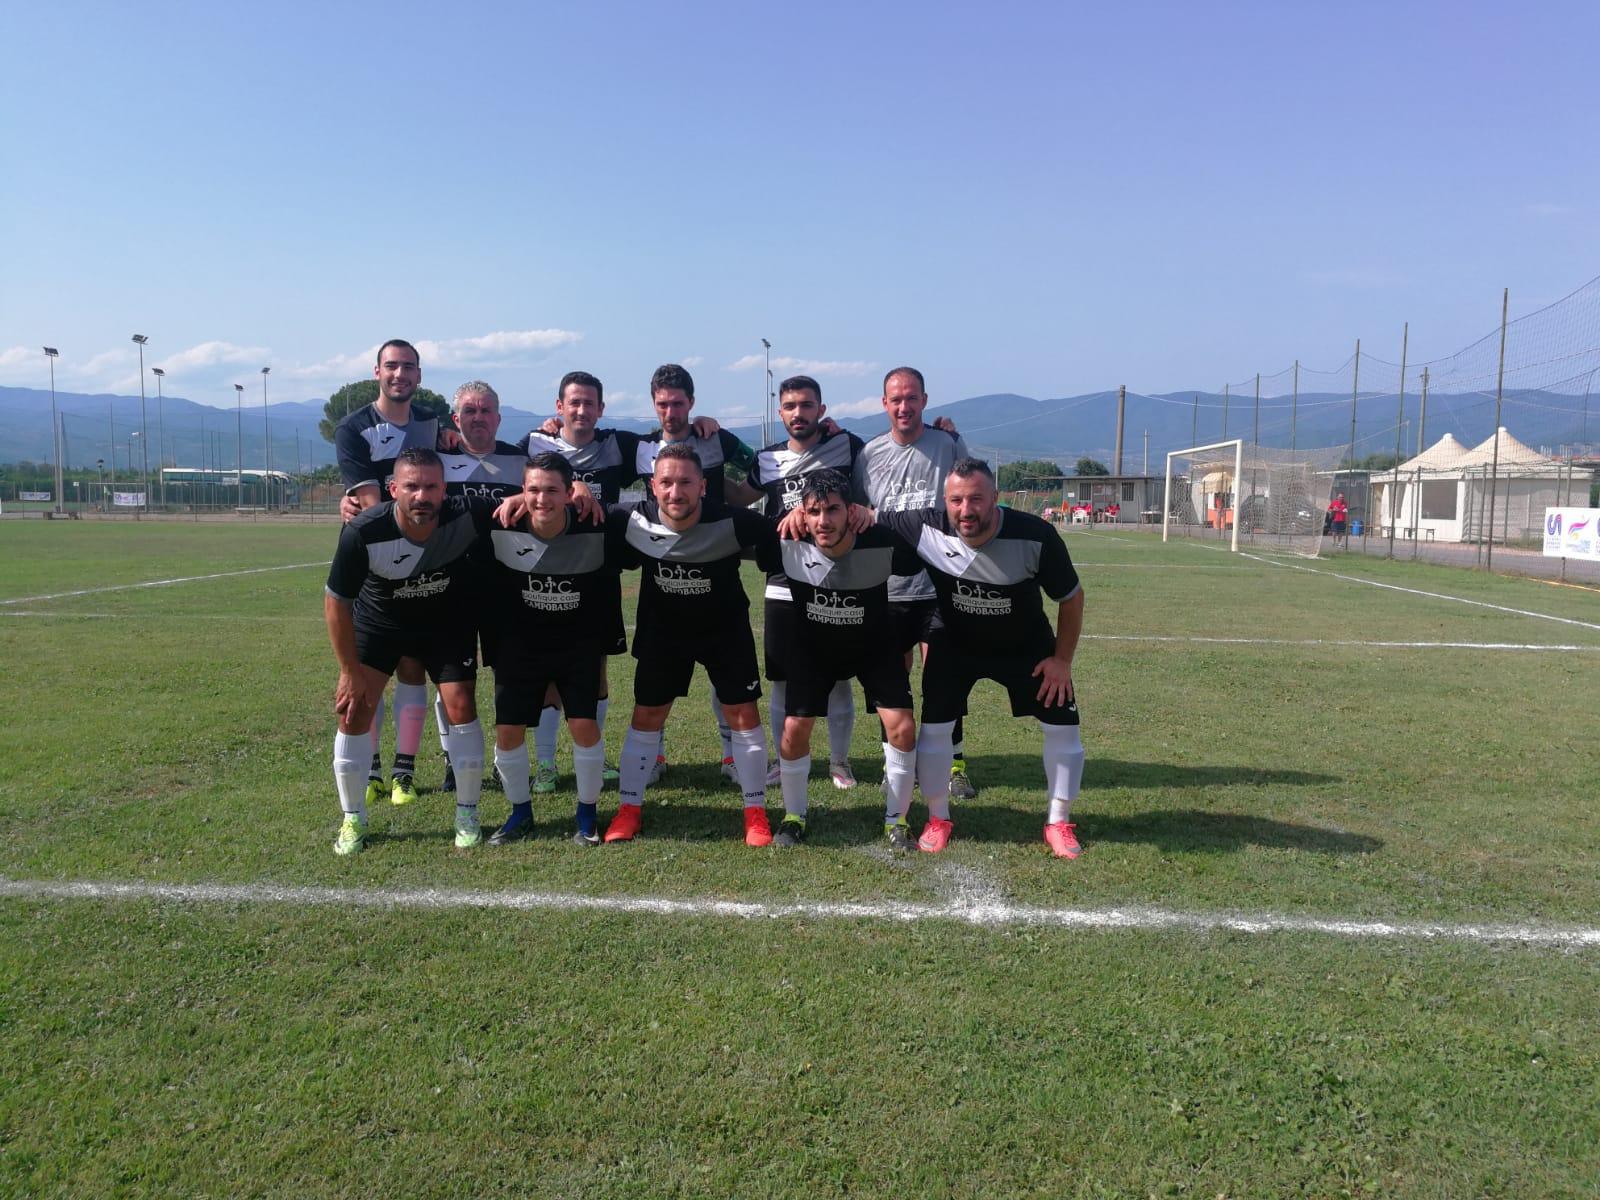 Fasi nazionali calcio a 11, il Mirabello al settimo posto